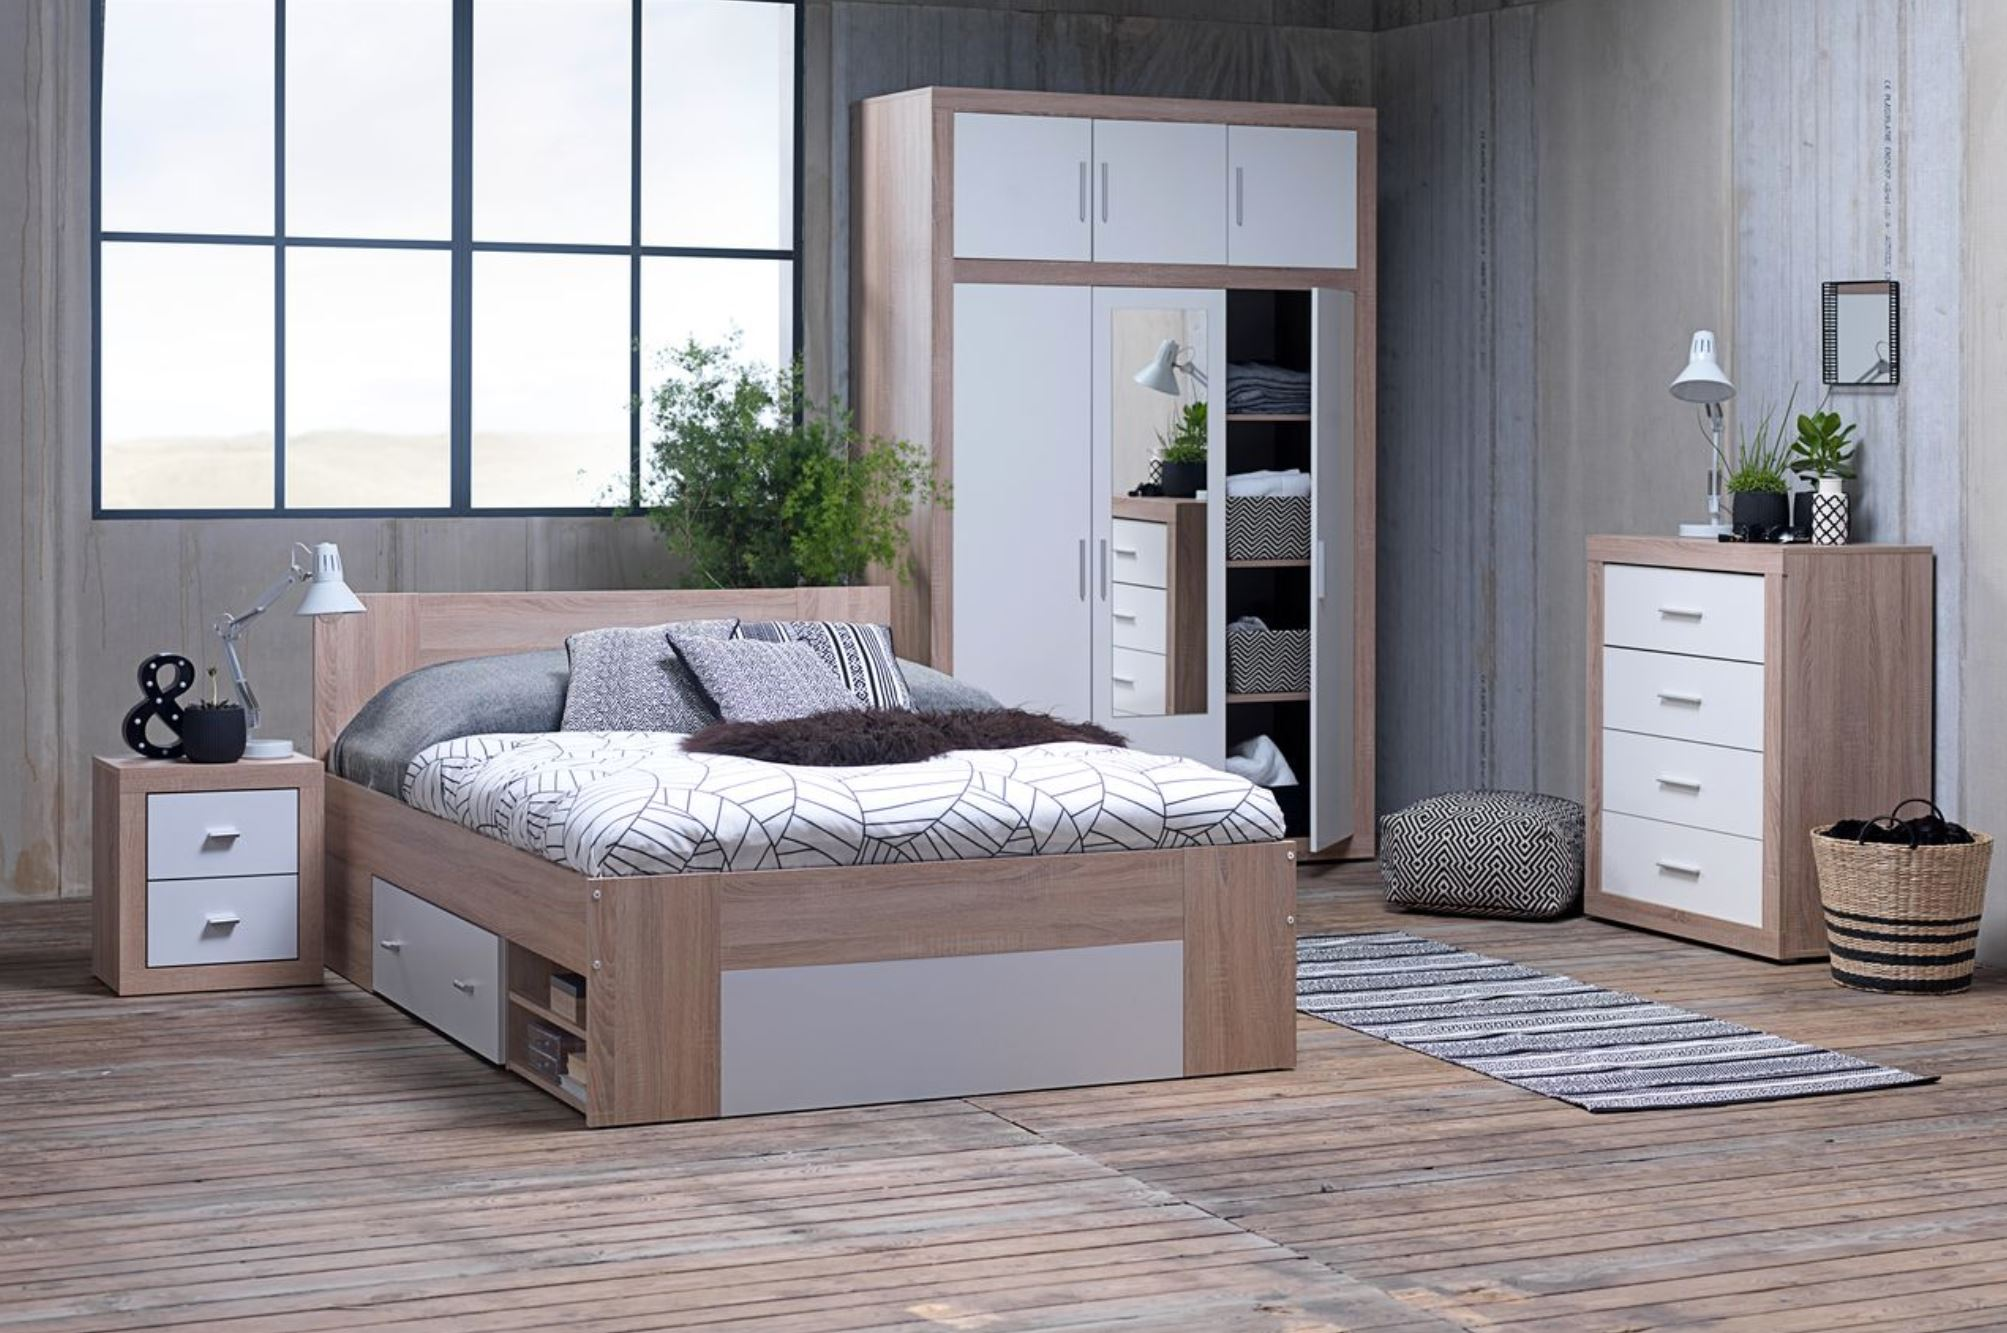 Bedroom Offers